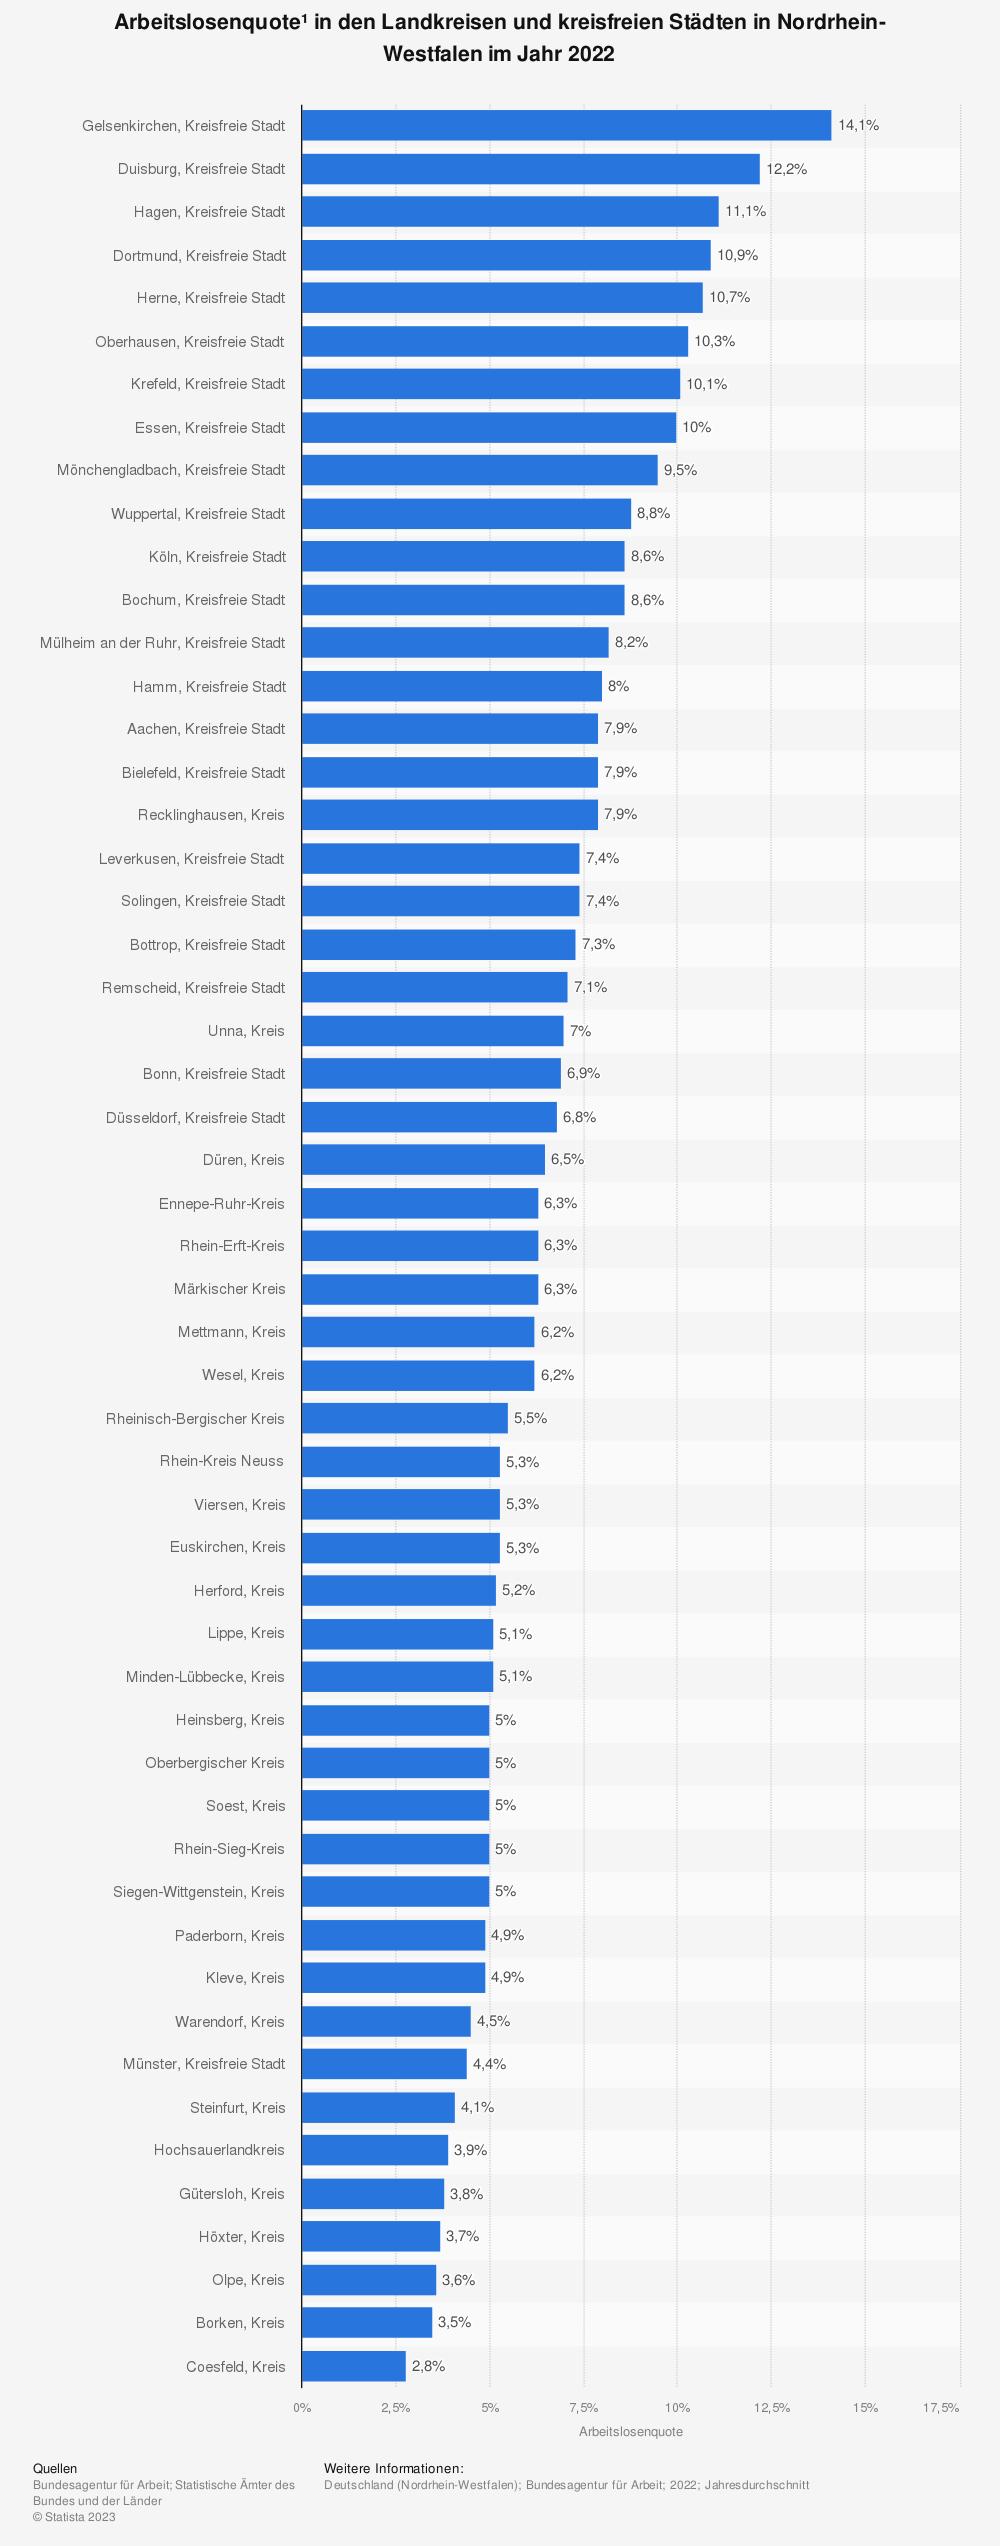 Statistik: Arbeitslosenquote* in den Landkreisen und kreisfreien Städten in Nordrhein-Westfalen im Jahr 2020 | Statista